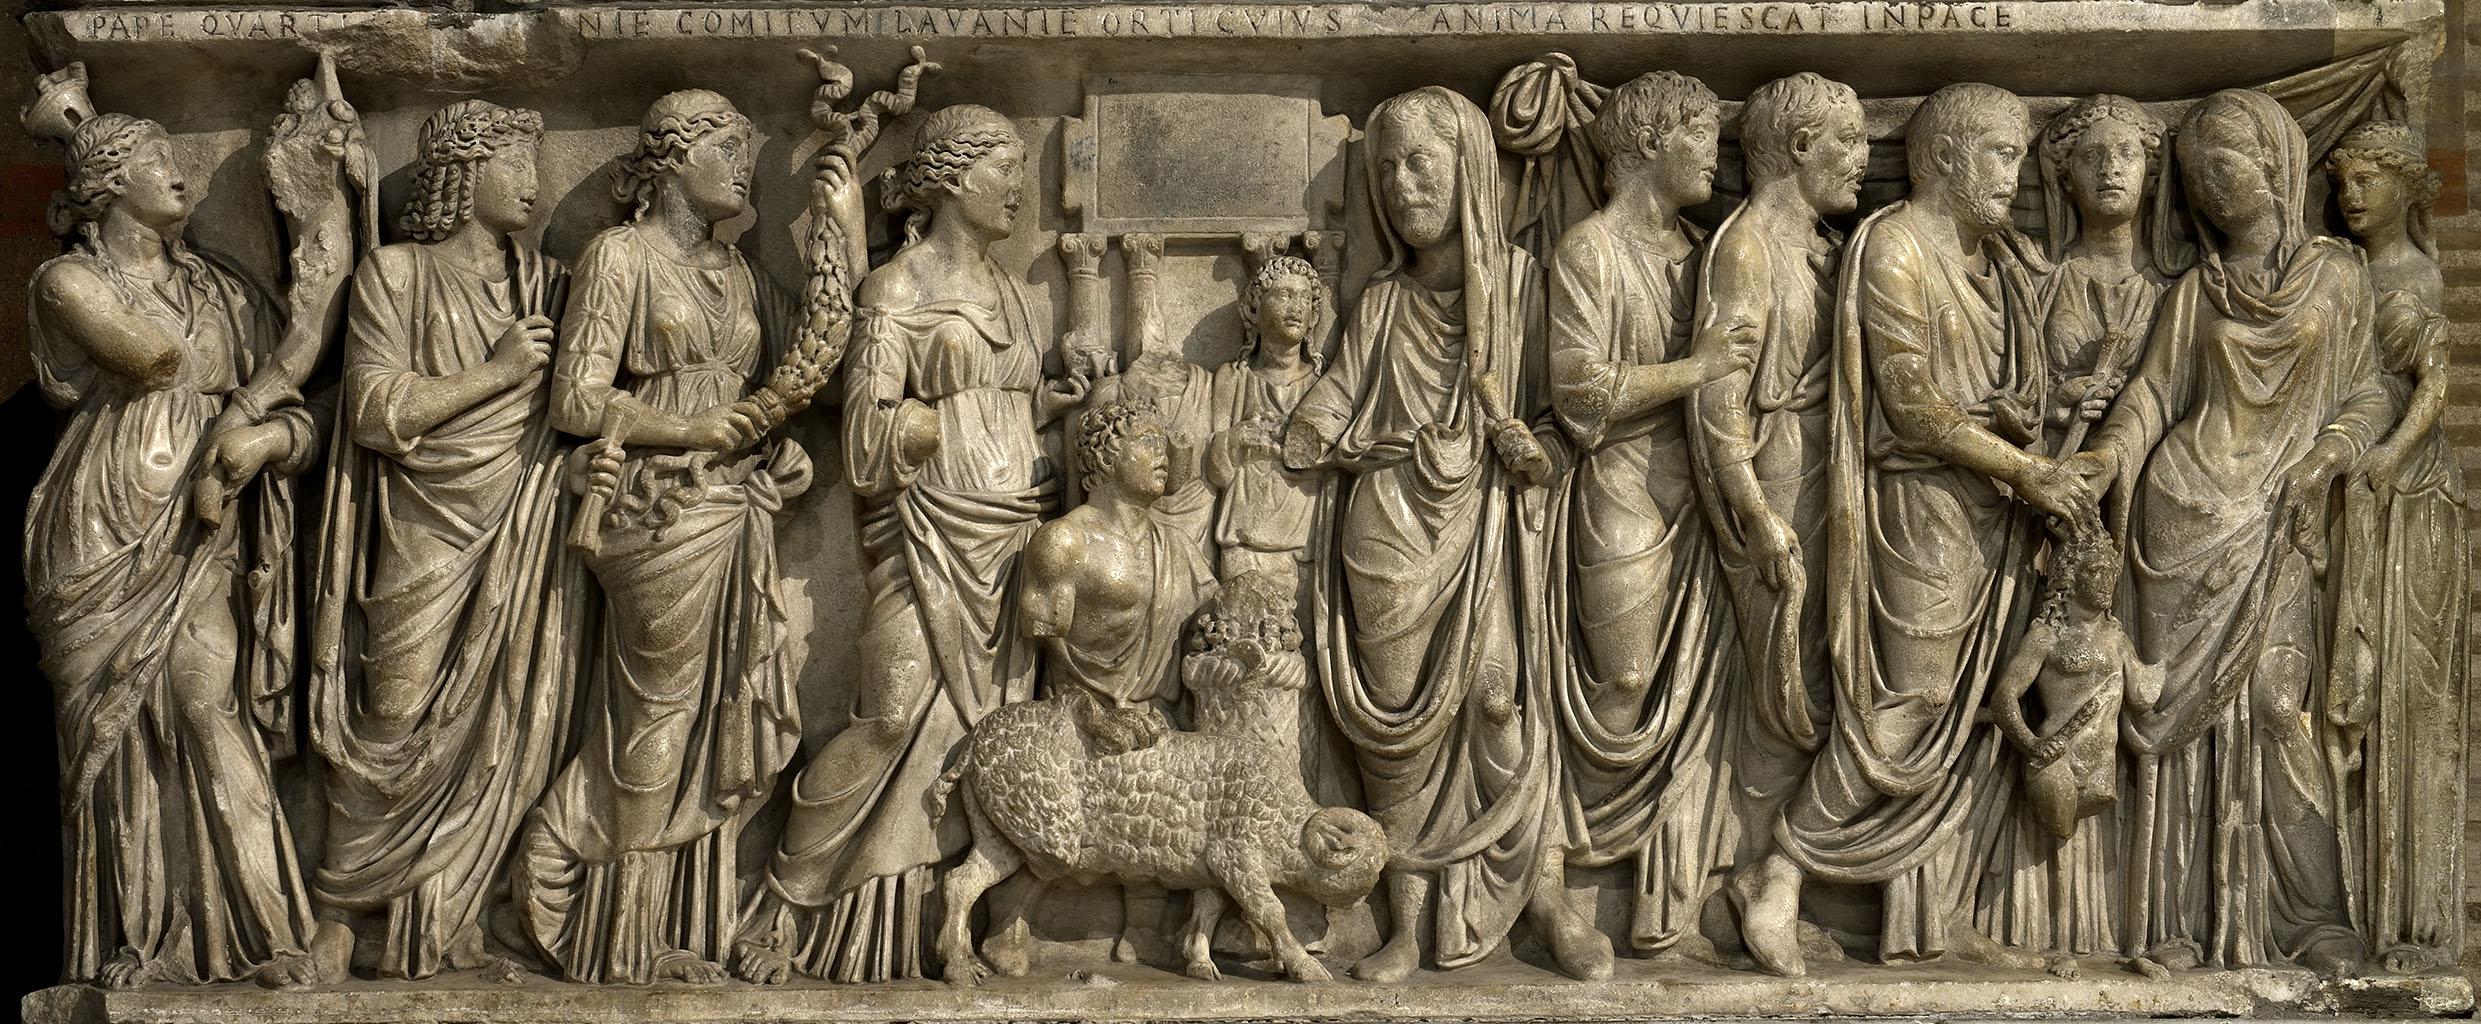 上图:古罗马婚礼浮雕。古代希腊-罗马的婚姻是严格的一夫一妻制,社会鼓励寡妇或离婚的妻子再婚,寡妇可以继承丈夫的遗产。罗马人传统上认为婚姻的目的是为了生产合法的孩子,公民生产新公民。合法婚姻的年龄为女孩12岁,男孩14岁。大多数罗马妇女在十几岁到二十出头结婚。